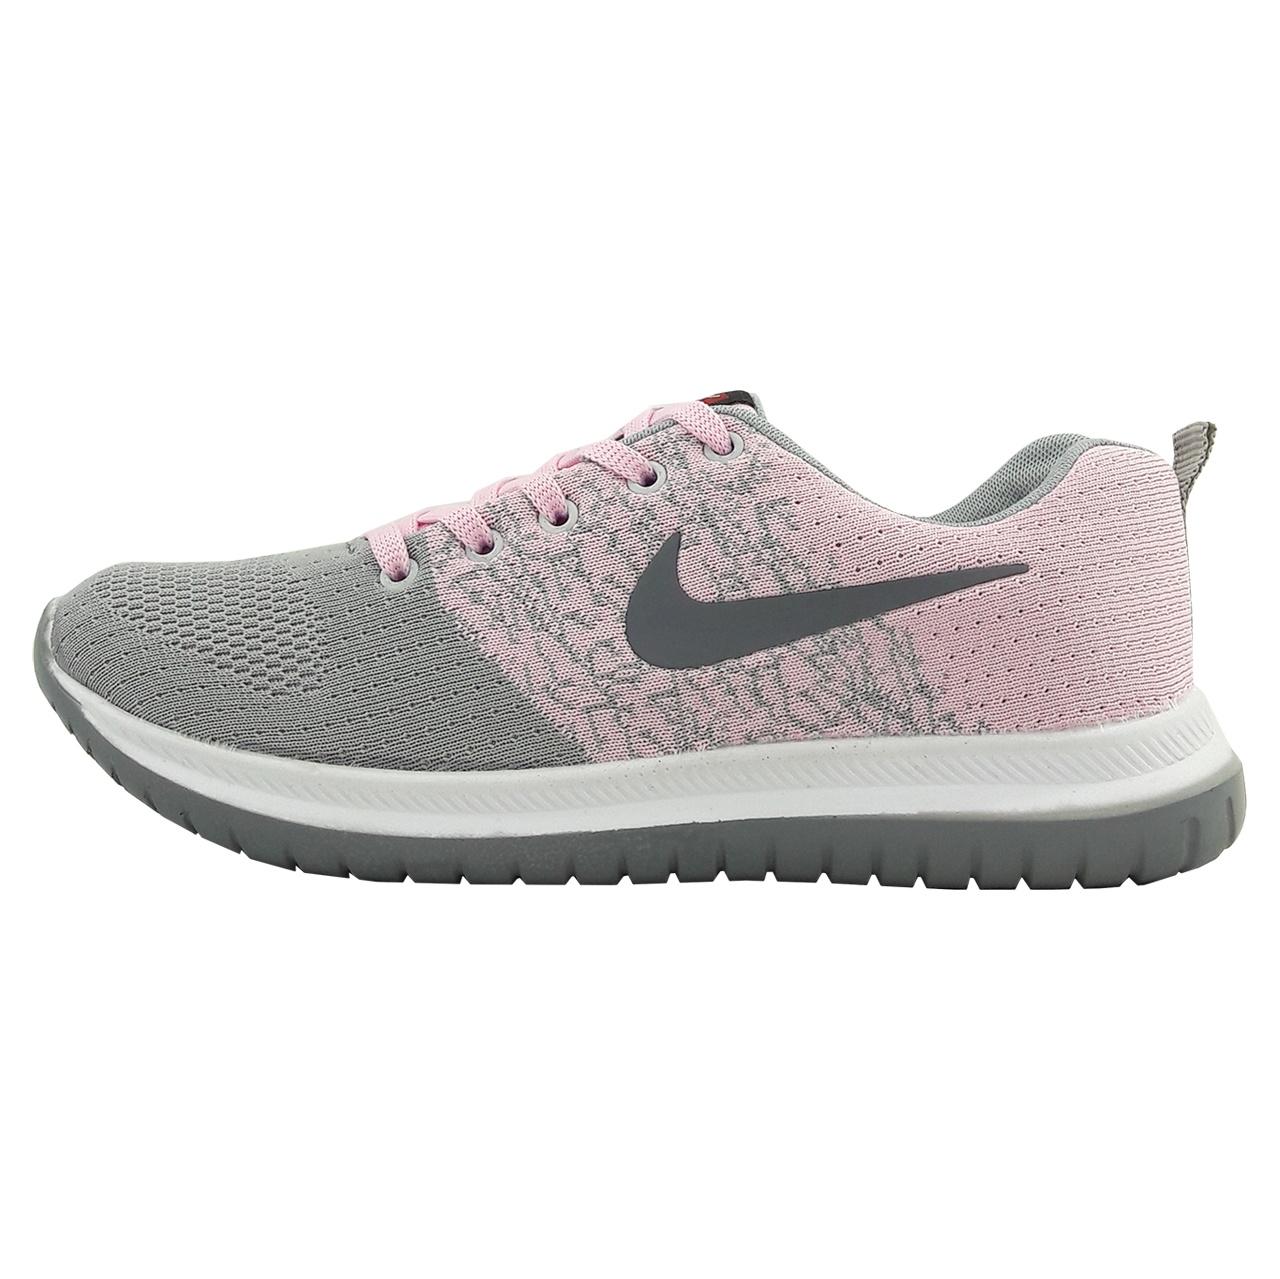 کفش مخصوص پیاده روی زنانه مدل Nk.mhrp.bft.gr.pnk-01